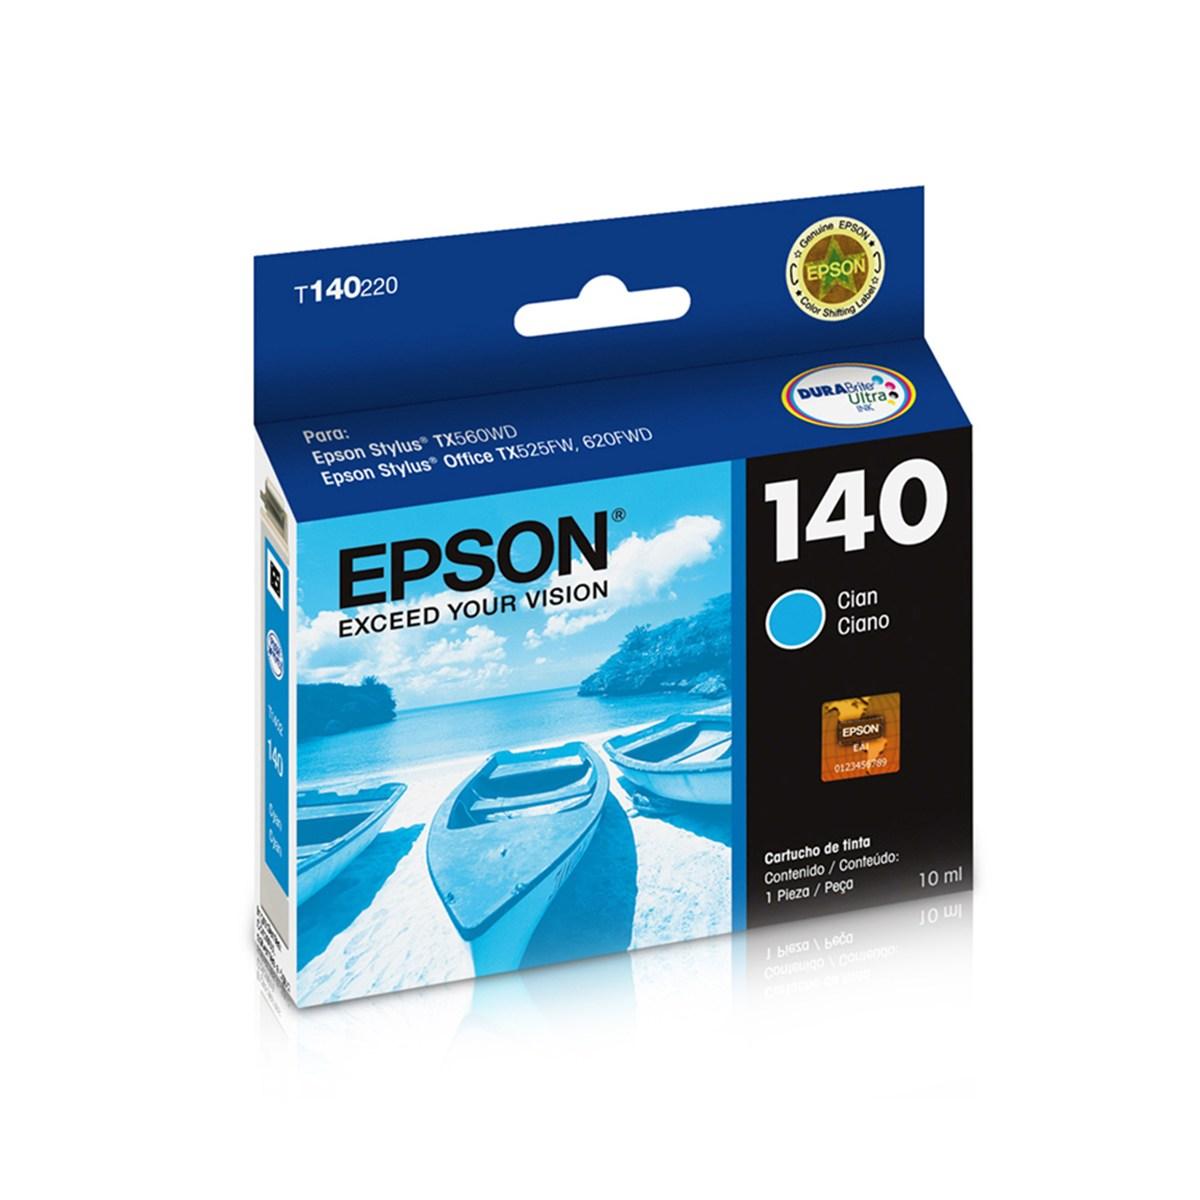 Cartucho EPSON T140 Ciano para T42WD TX525 TX620FWD TX560WD